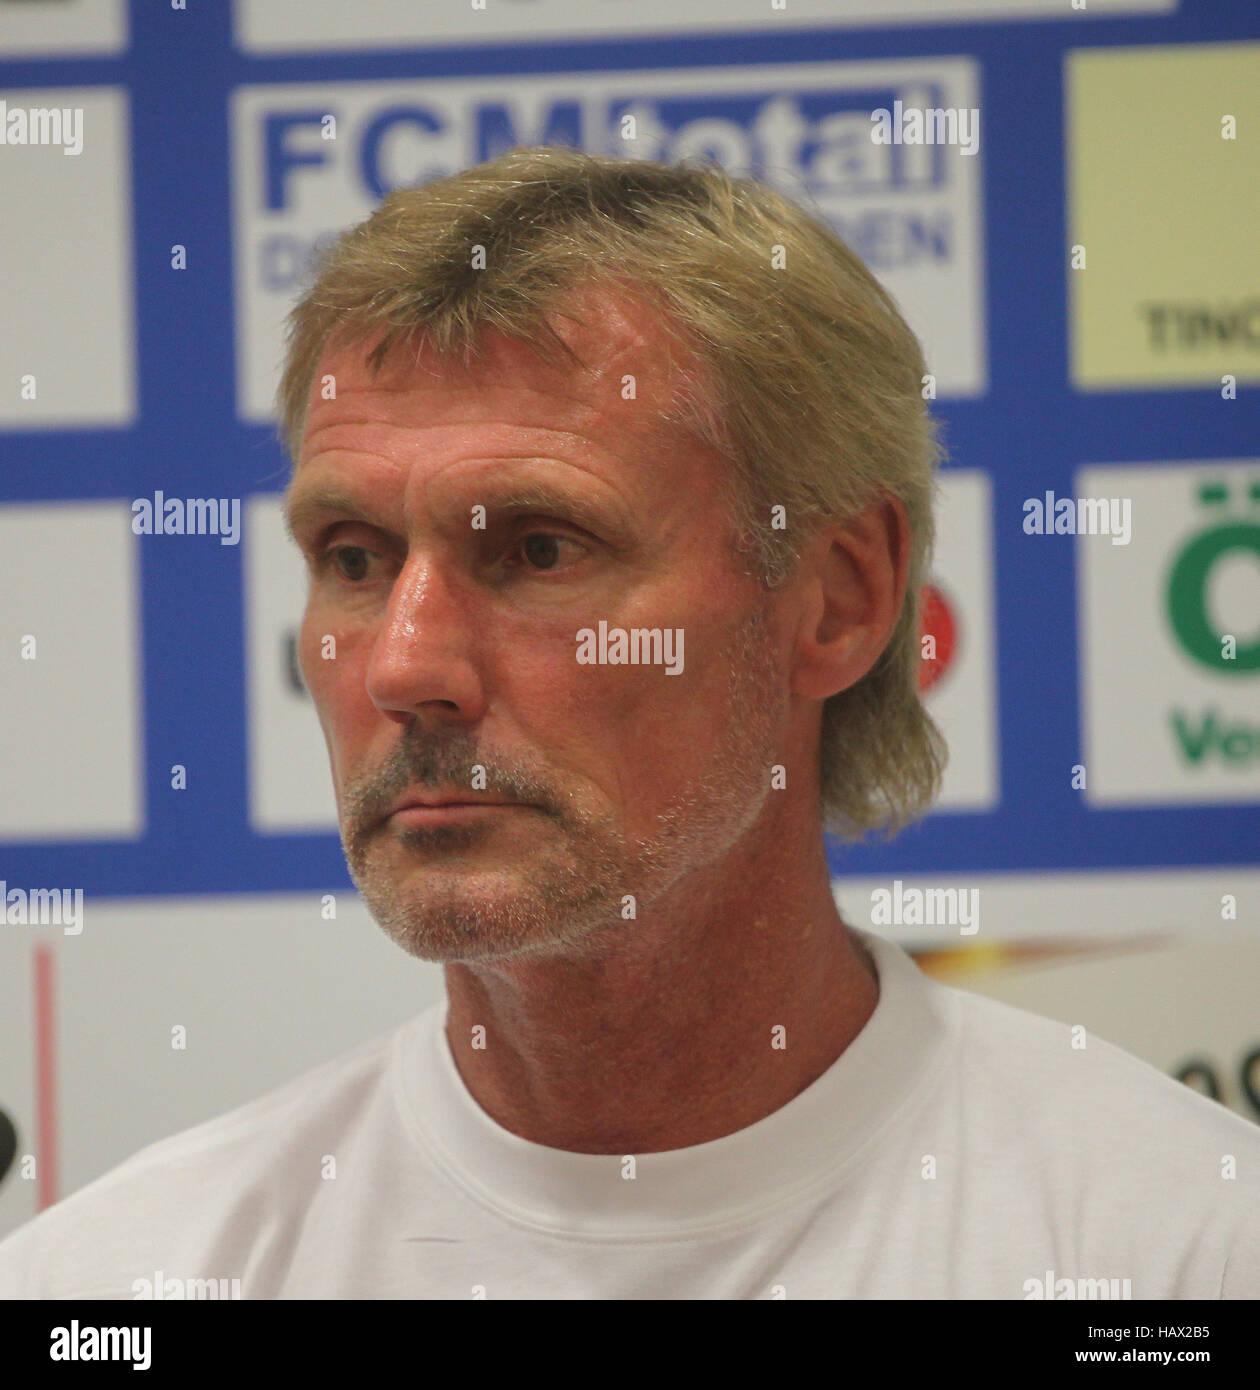 Rudi Bommer (FC Energie Cottbus) - Stock Image